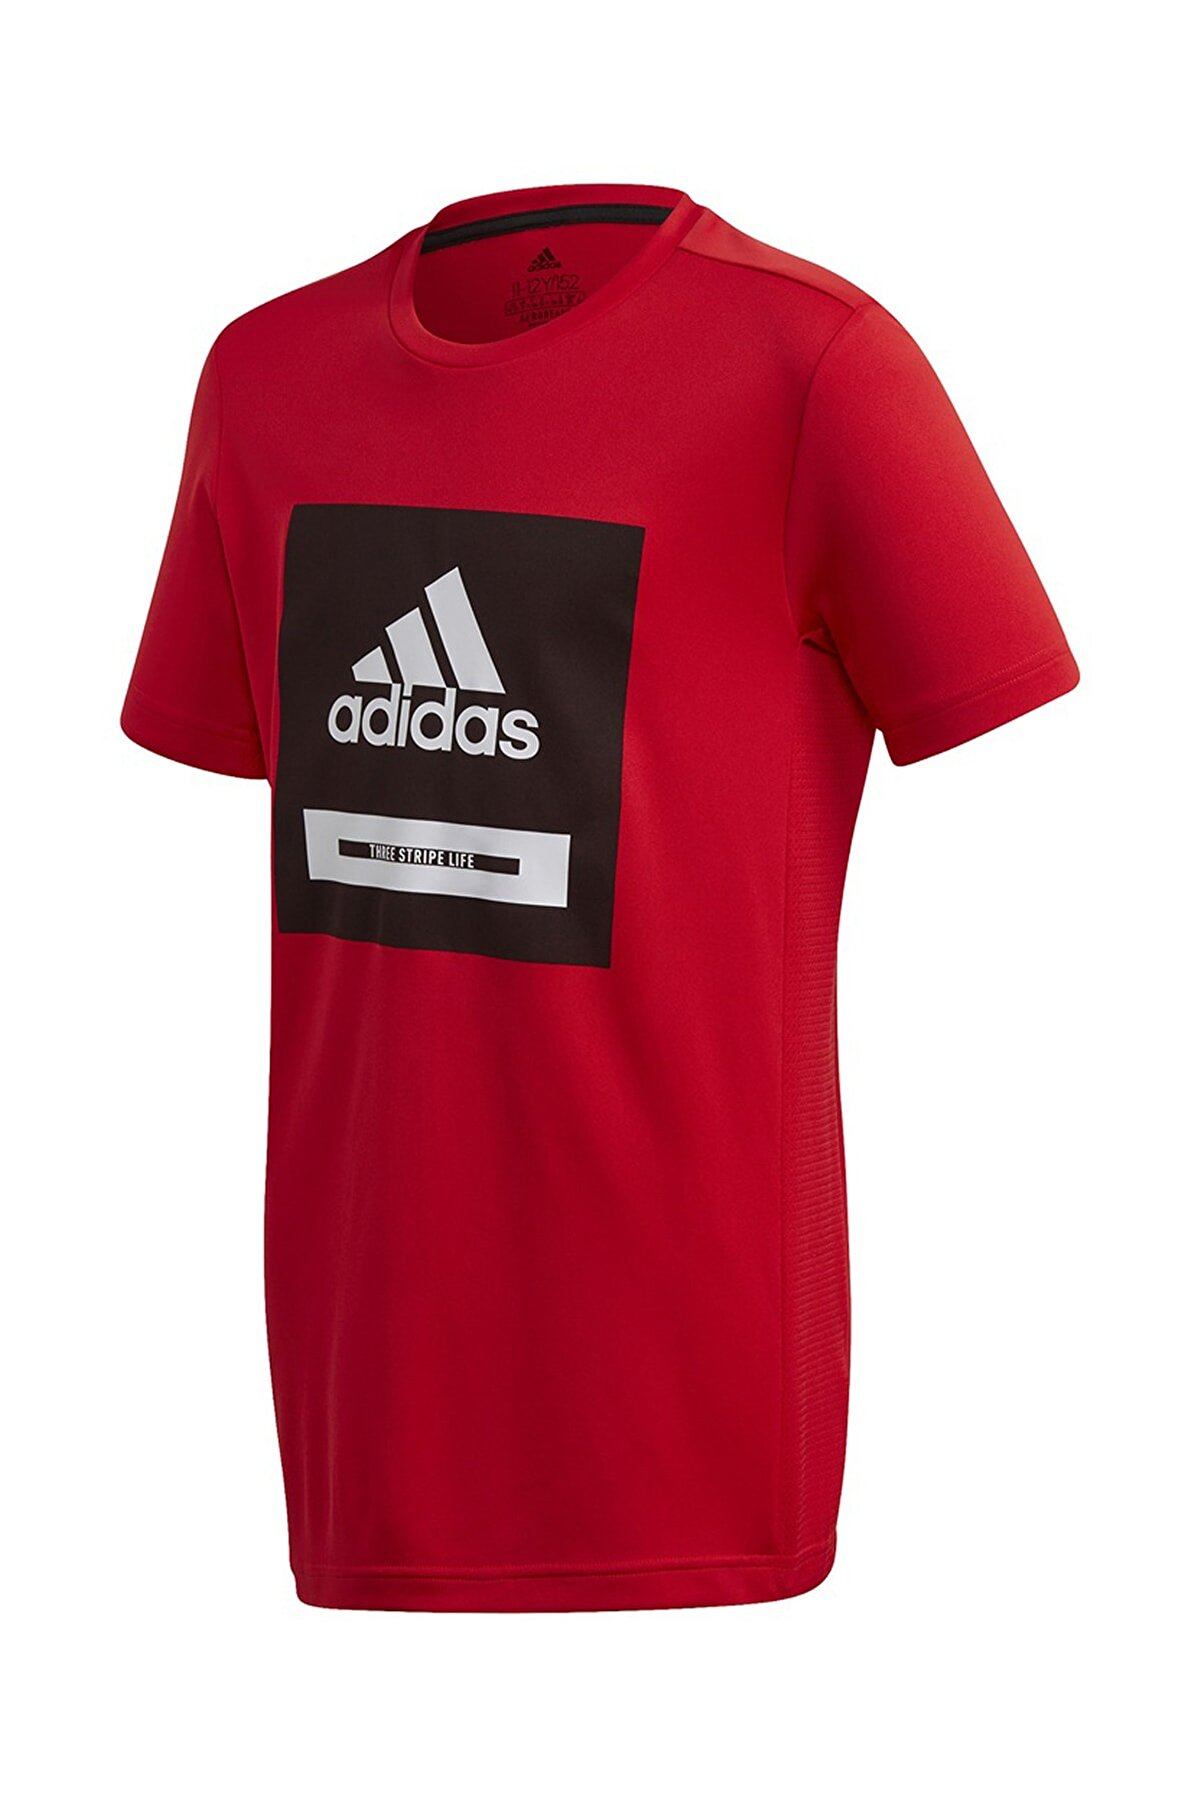 adidas FK9505-C adidas Jb Tr Bold Tee Çocuk T-Shirt Kırmızı